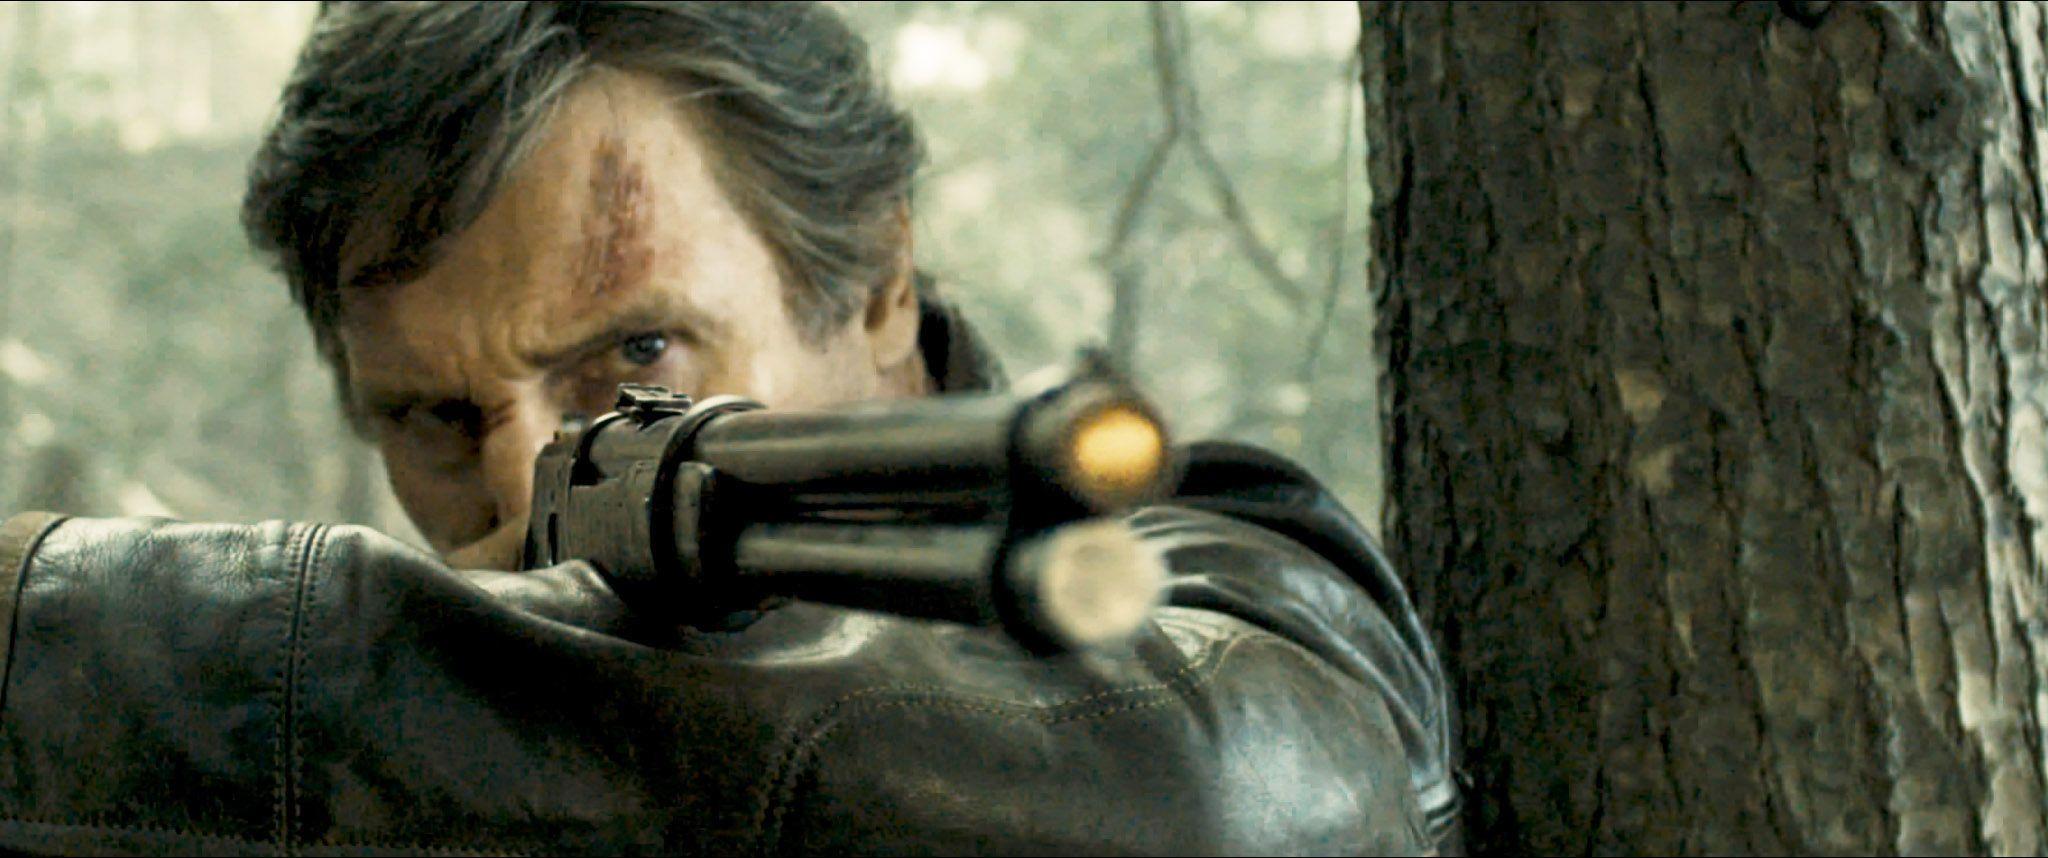 """Liam Neeson in """"Run All Night."""""""